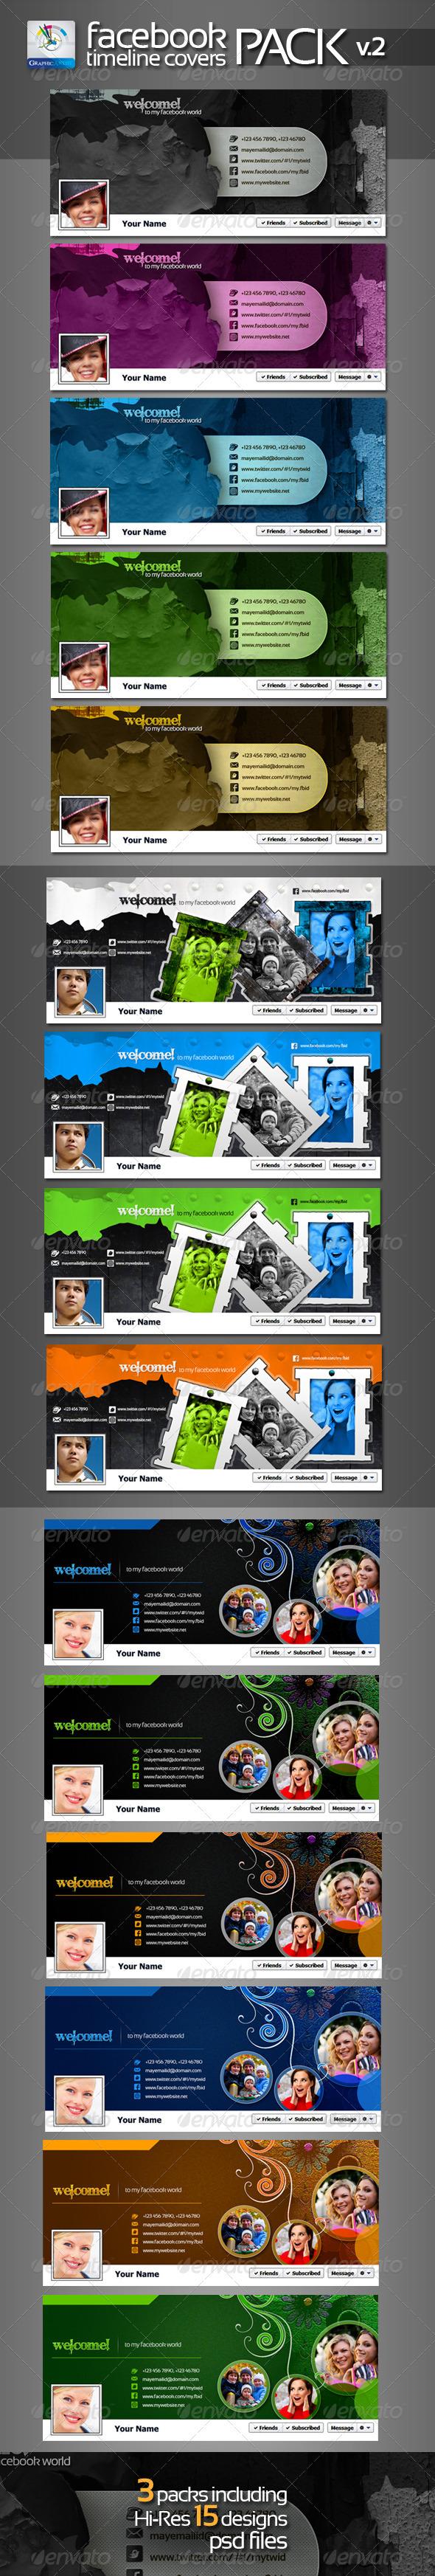 Artistic Facebook Timeline Cover Pack v.2 - Facebook Timeline Covers Social Media